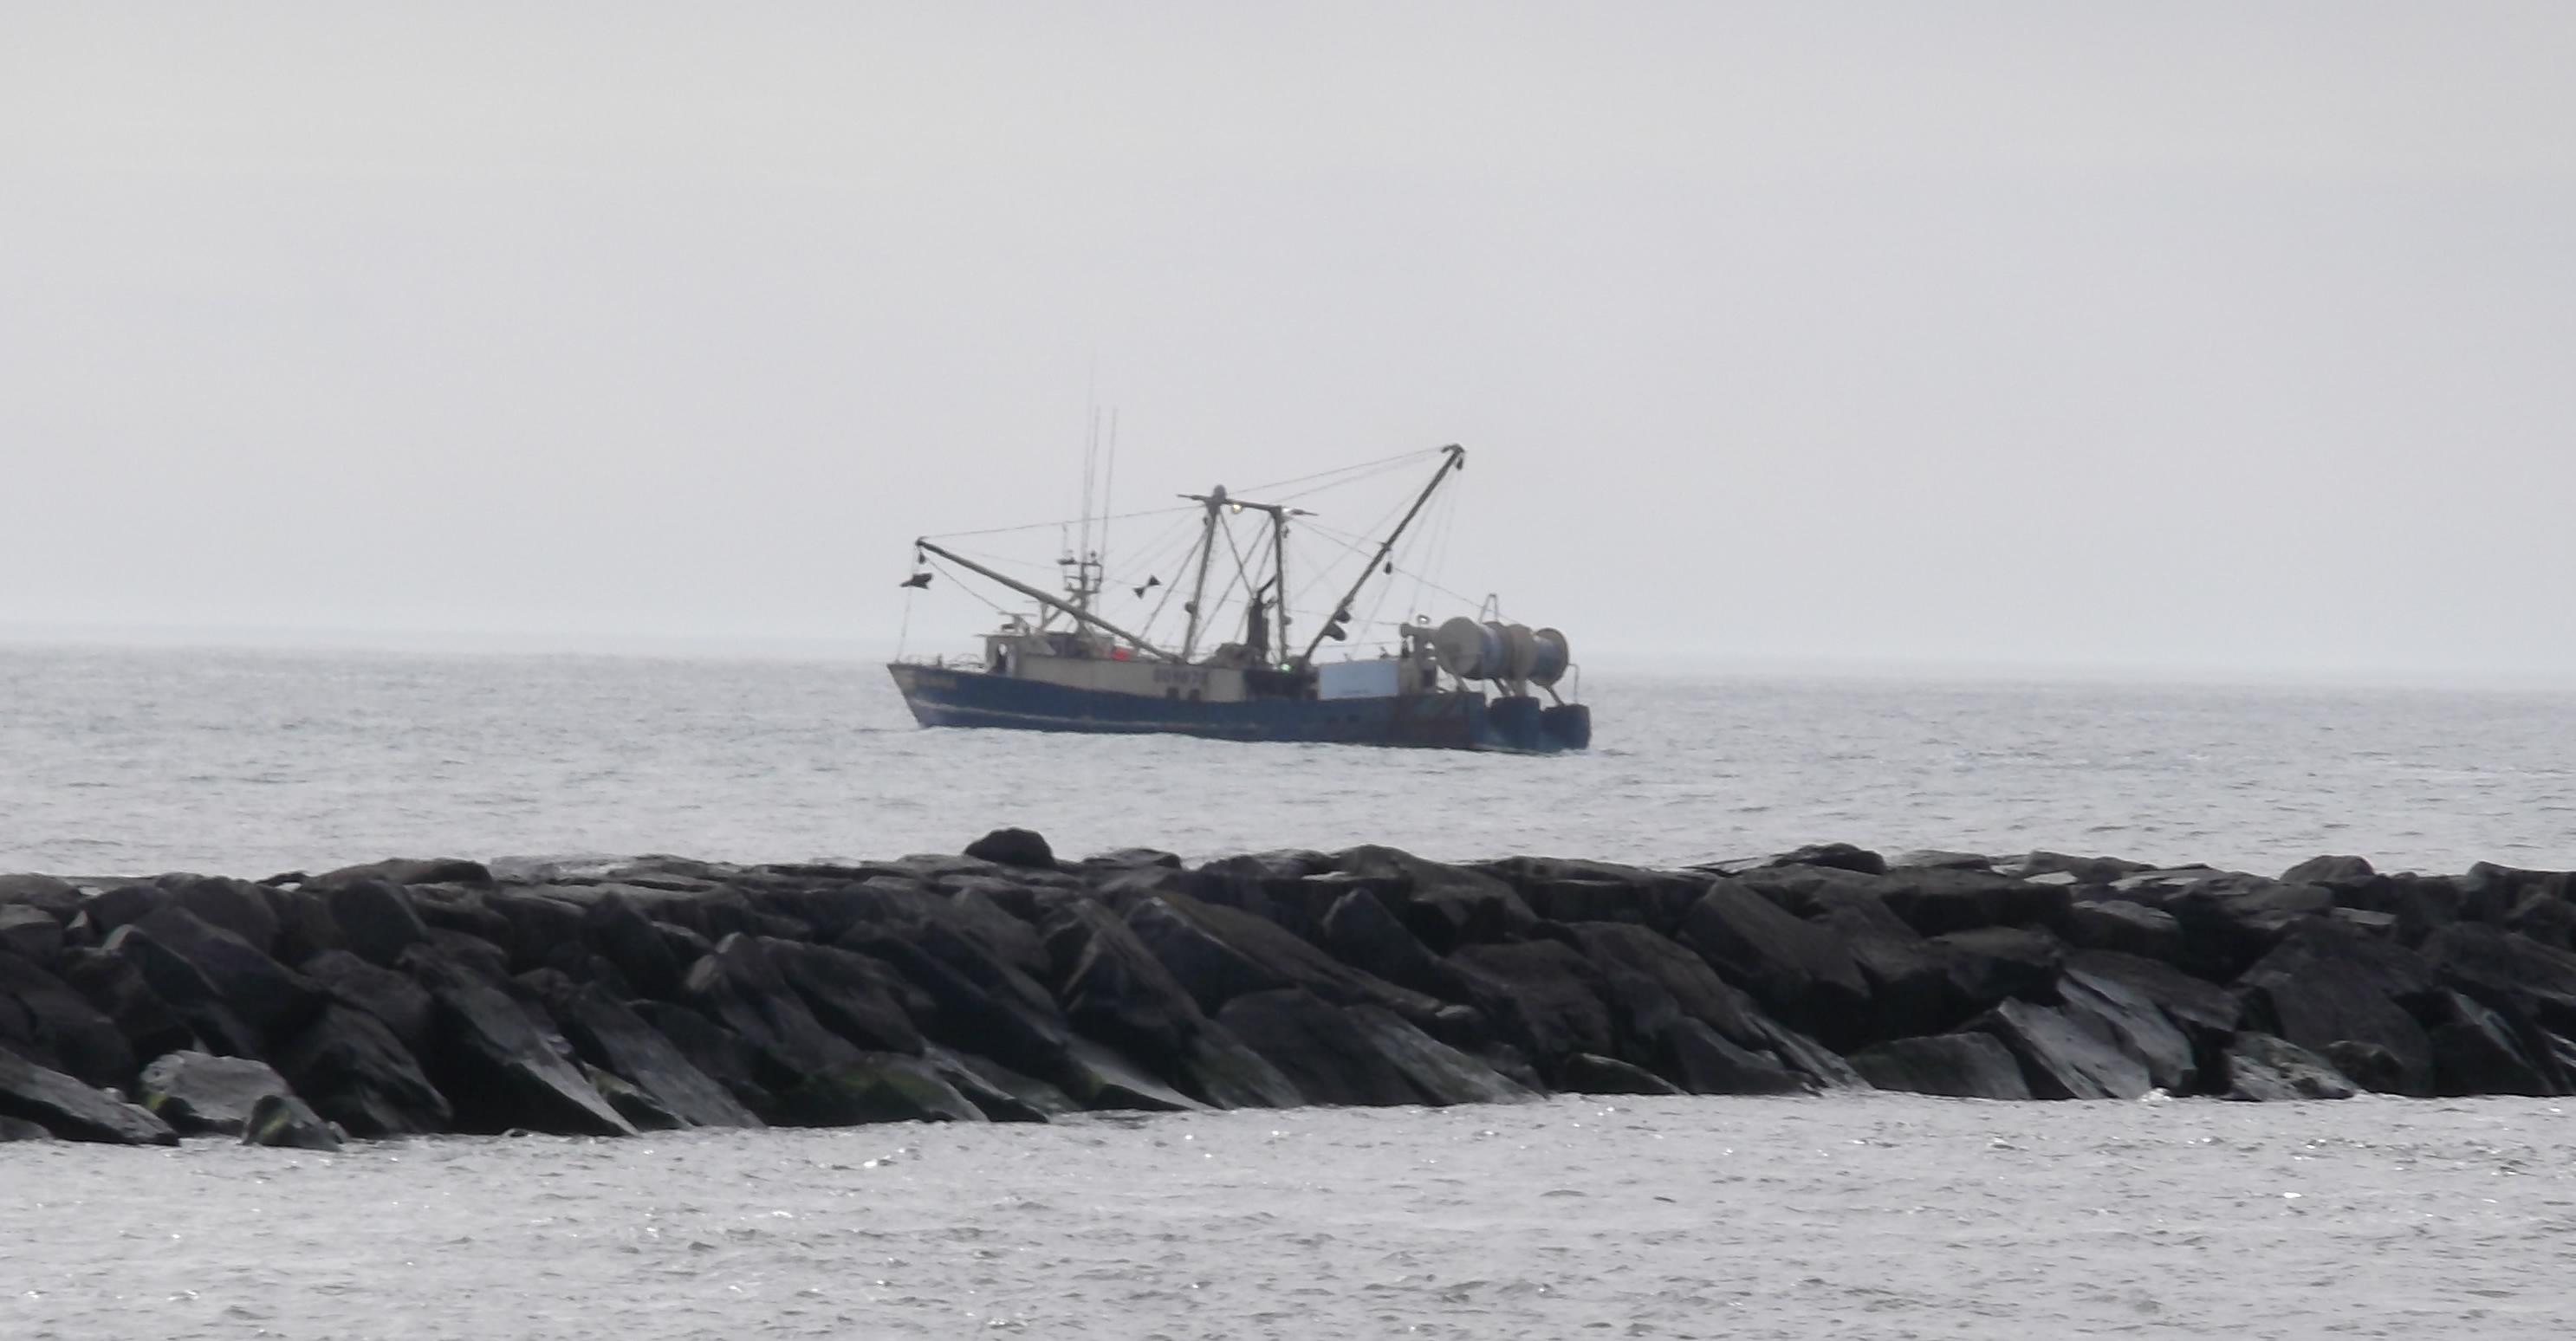 Atlantic city to manasquan nj quo vadimus for Fishing boats nj